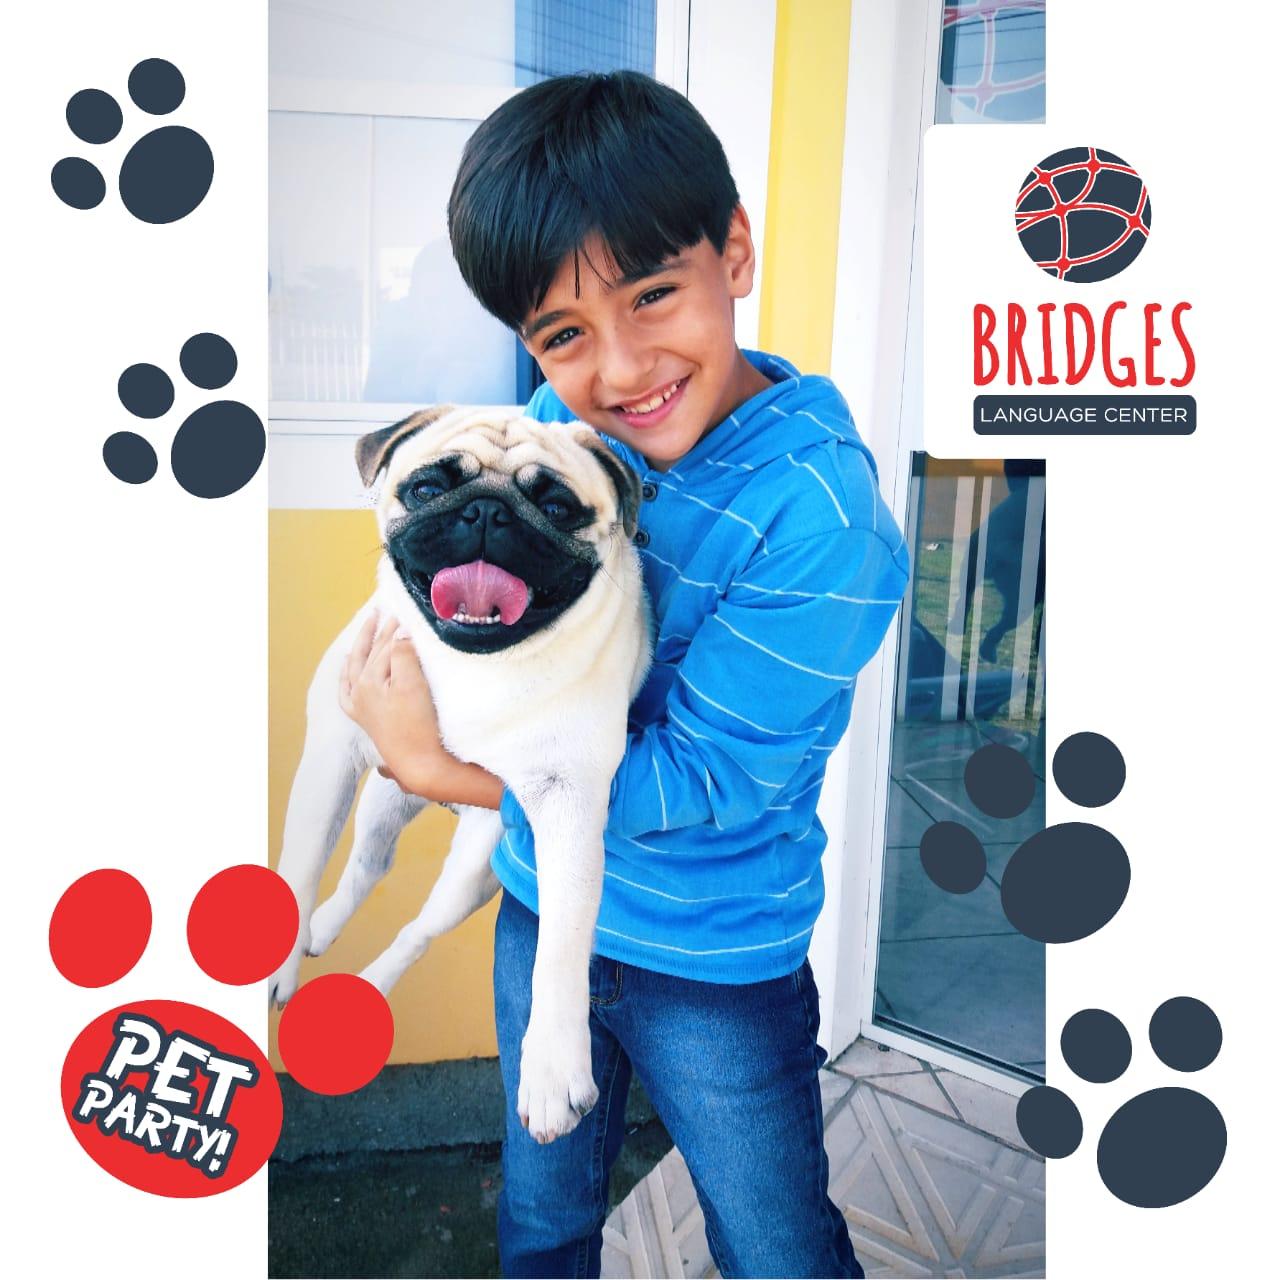 Bernardo com seu cachorro na Pet Party (Festa dos Animais de Estimação), promovida pela Bridges